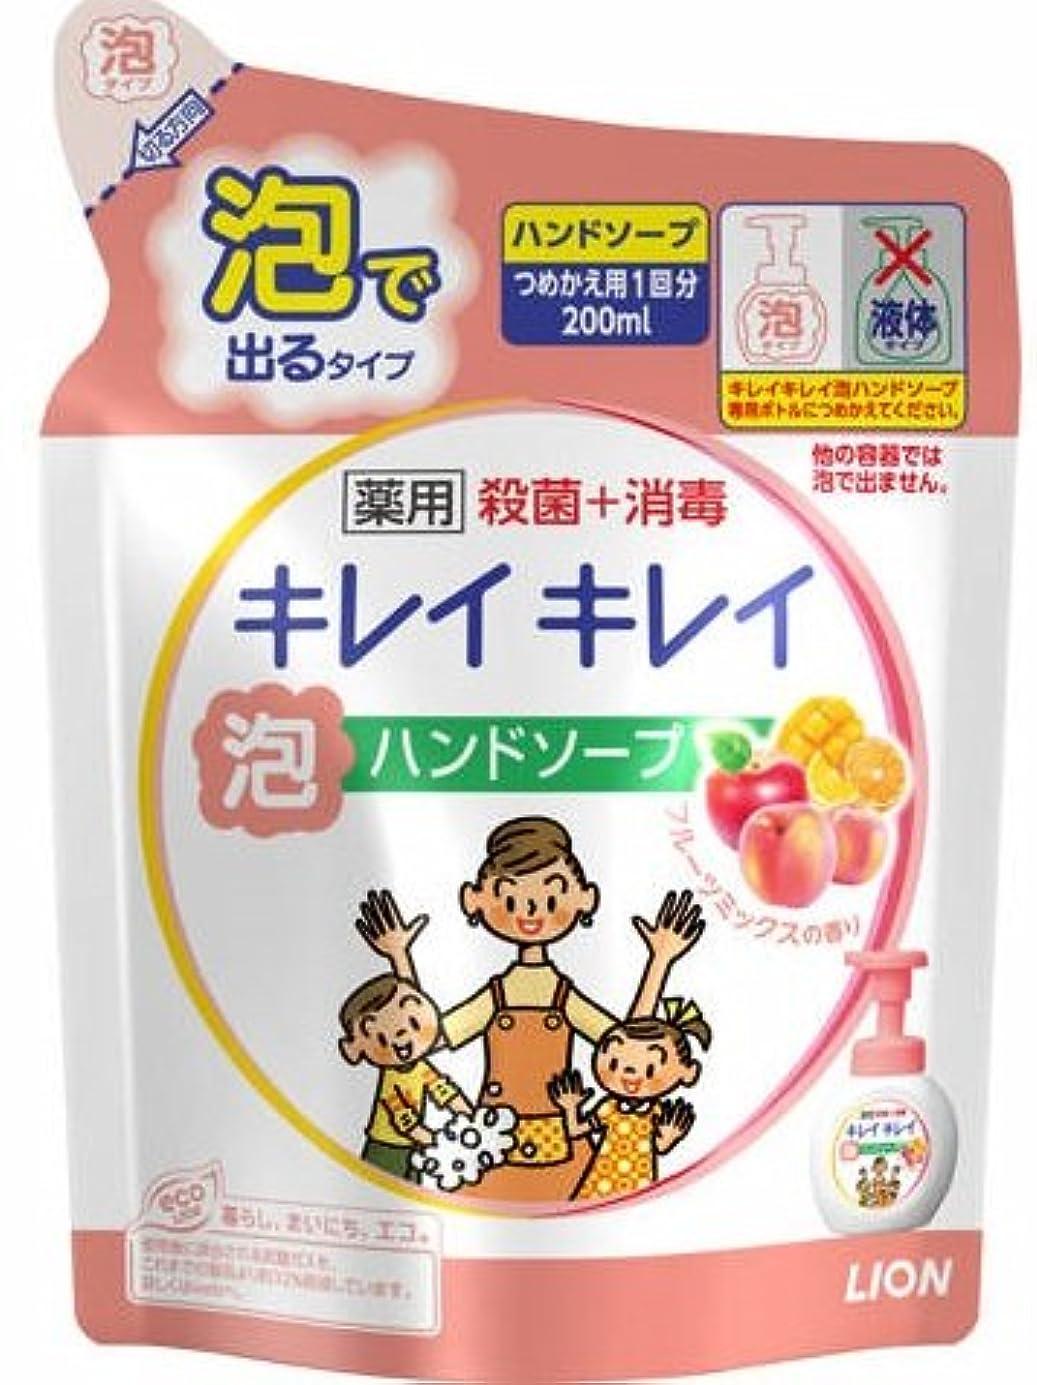 ファーザーファージュ悔い改める過度のキレイキレイ 薬用泡ハンドソープ フルーツミックスの香り つめかえ用 通常サイズ 200ml ×10個セット